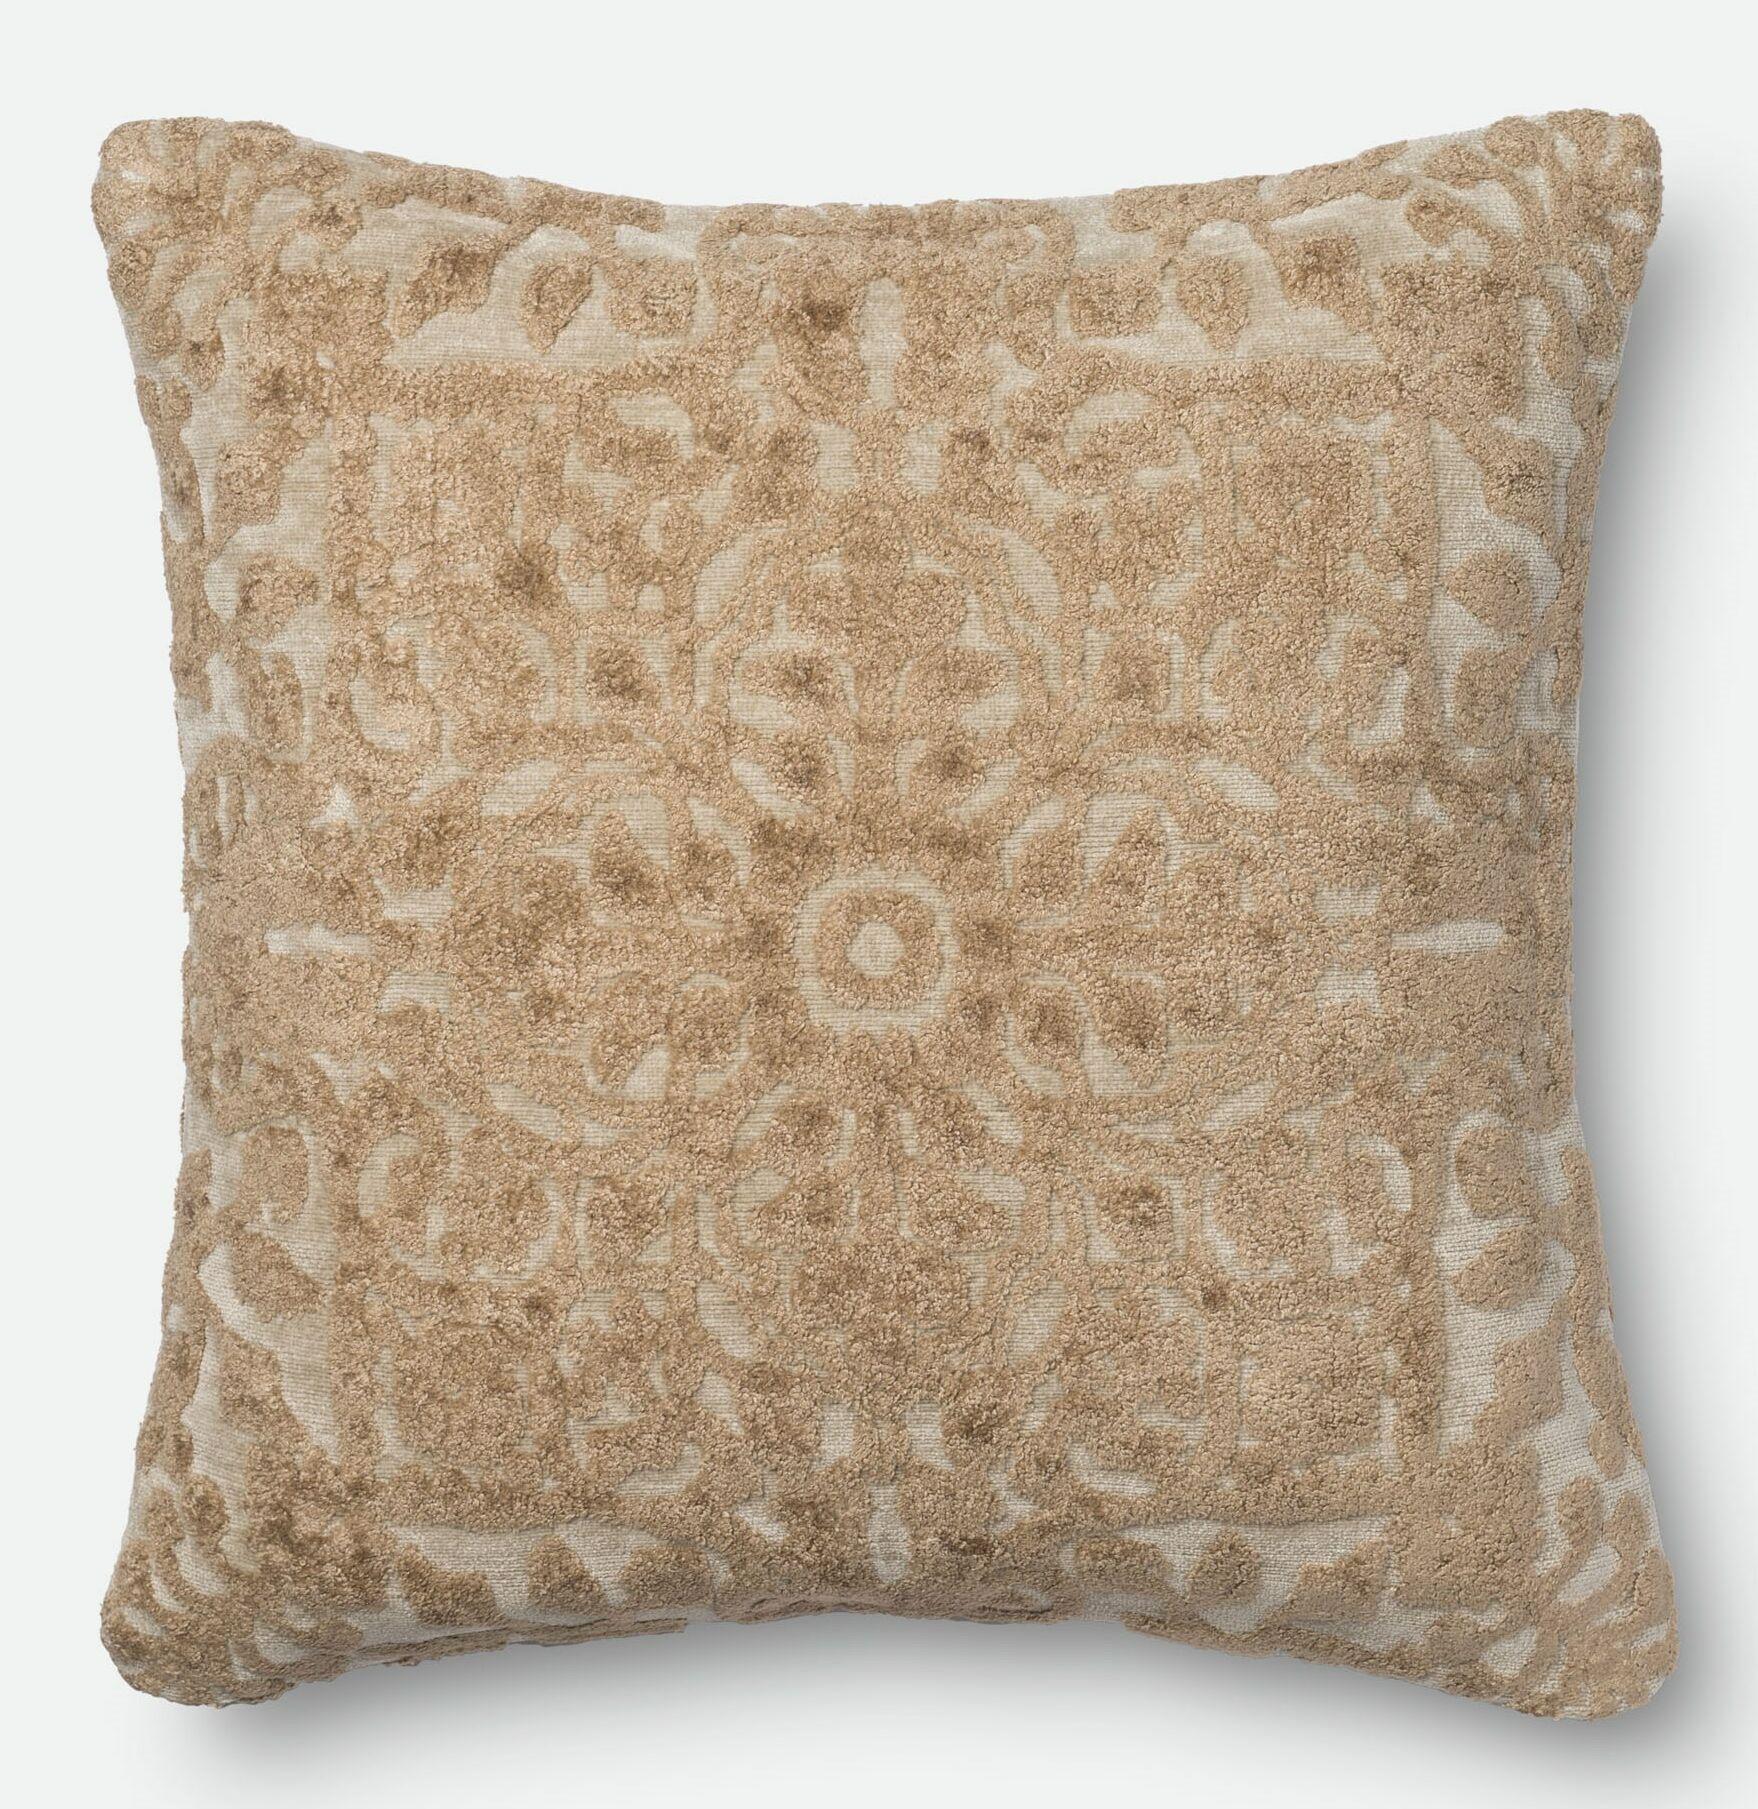 Nott Pillow Cover Size: 22